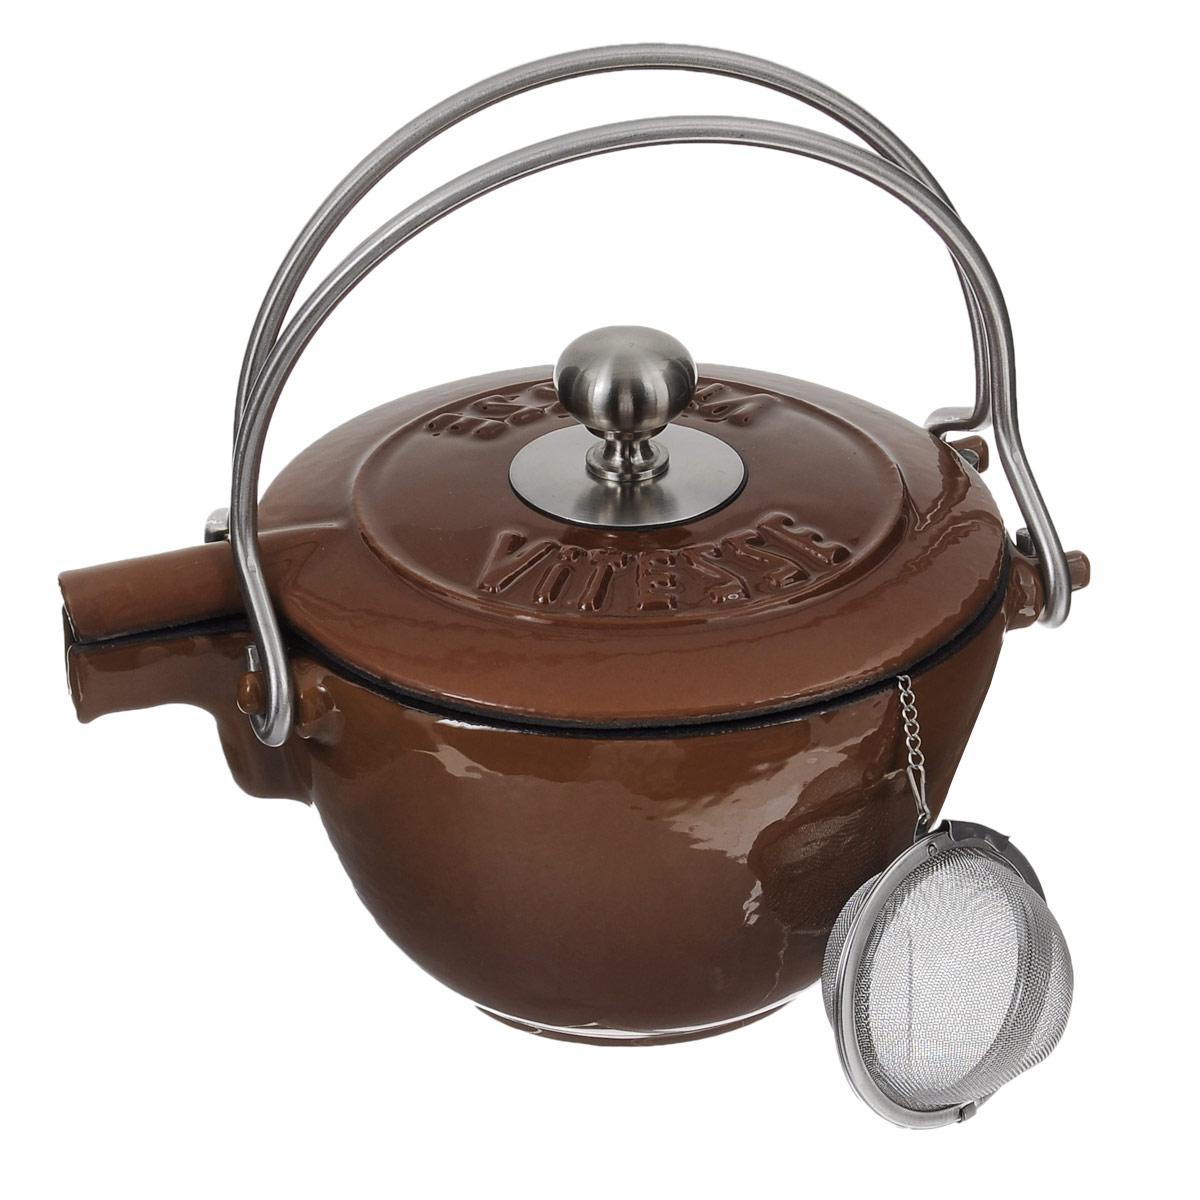 Чайник заварочный Vitesse Ferro, с ситечком, цвет: коричневый, 1,15 л115510Заварочный чайник Vitesse Ferro изготовлен из чугуна с эмалированной внутренней и внешней поверхностью. Эмалированный чугун - это железо, на которое наложено прочное стекловидное эмалевое покрытие. Такая посуда отлично подходит для приготовления традиционной здоровой пищи. Чугун является наилучшим материалом, который долго удерживает и равномерно распределяет тепло. Благодаря особым качествам эмали, чем дольше вы используете посуду, тем лучше становятся ее эксплуатационные характеристики. Чугун обладает высокой прочностью, износоустойчивостью и антикоррозийными свойствами. Чайник оснащен двумя металлическими ручками и крышкой. Металлическое ситечко на цепочке с крючком - в комплекте. Можно готовить на газовых, электрических, стеклокерамических, галогенных, индукционных плитах. Подходит для мытья в посудомоечной машине.Высота чайника (без учета ручки и крышки): 10,5 см. Диаметр чайника (по верхнему краю): 15,5 см. Диаметр ситечка: 6 см.